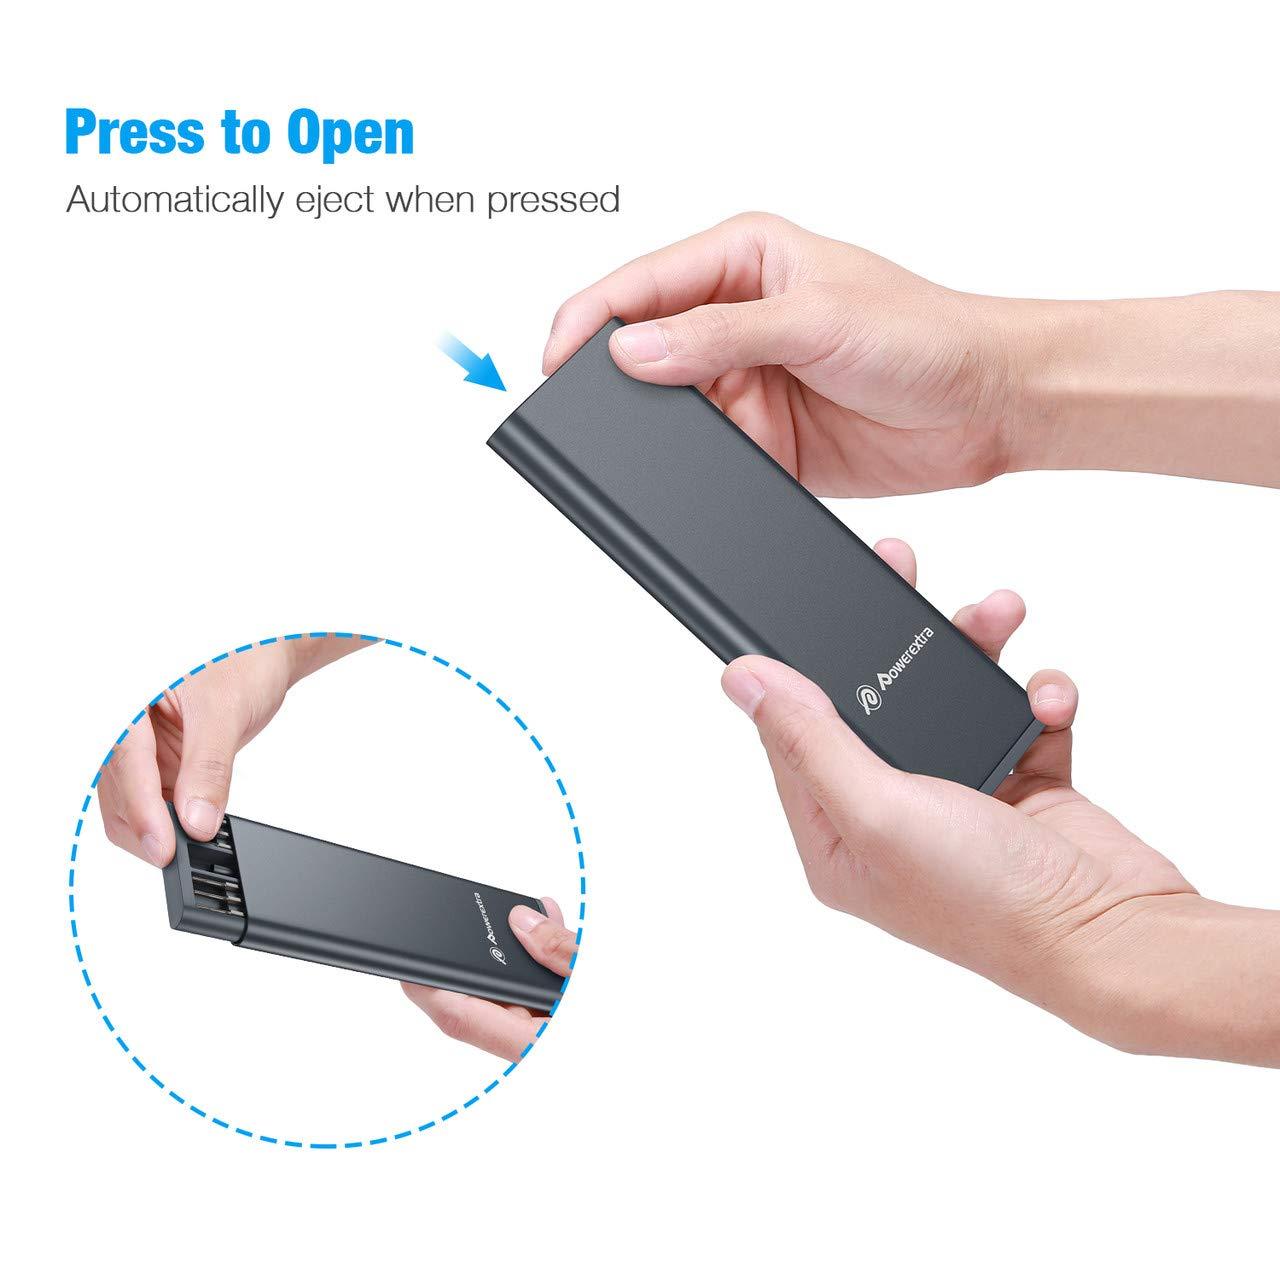 Powerextra Juego de Destornilladores de Precisión herramienta de Reparación de precisión magnética 24 en 1 con caja Reparación para teléfono inteligente Tableta PC Computadora portátil Gafas Relojes